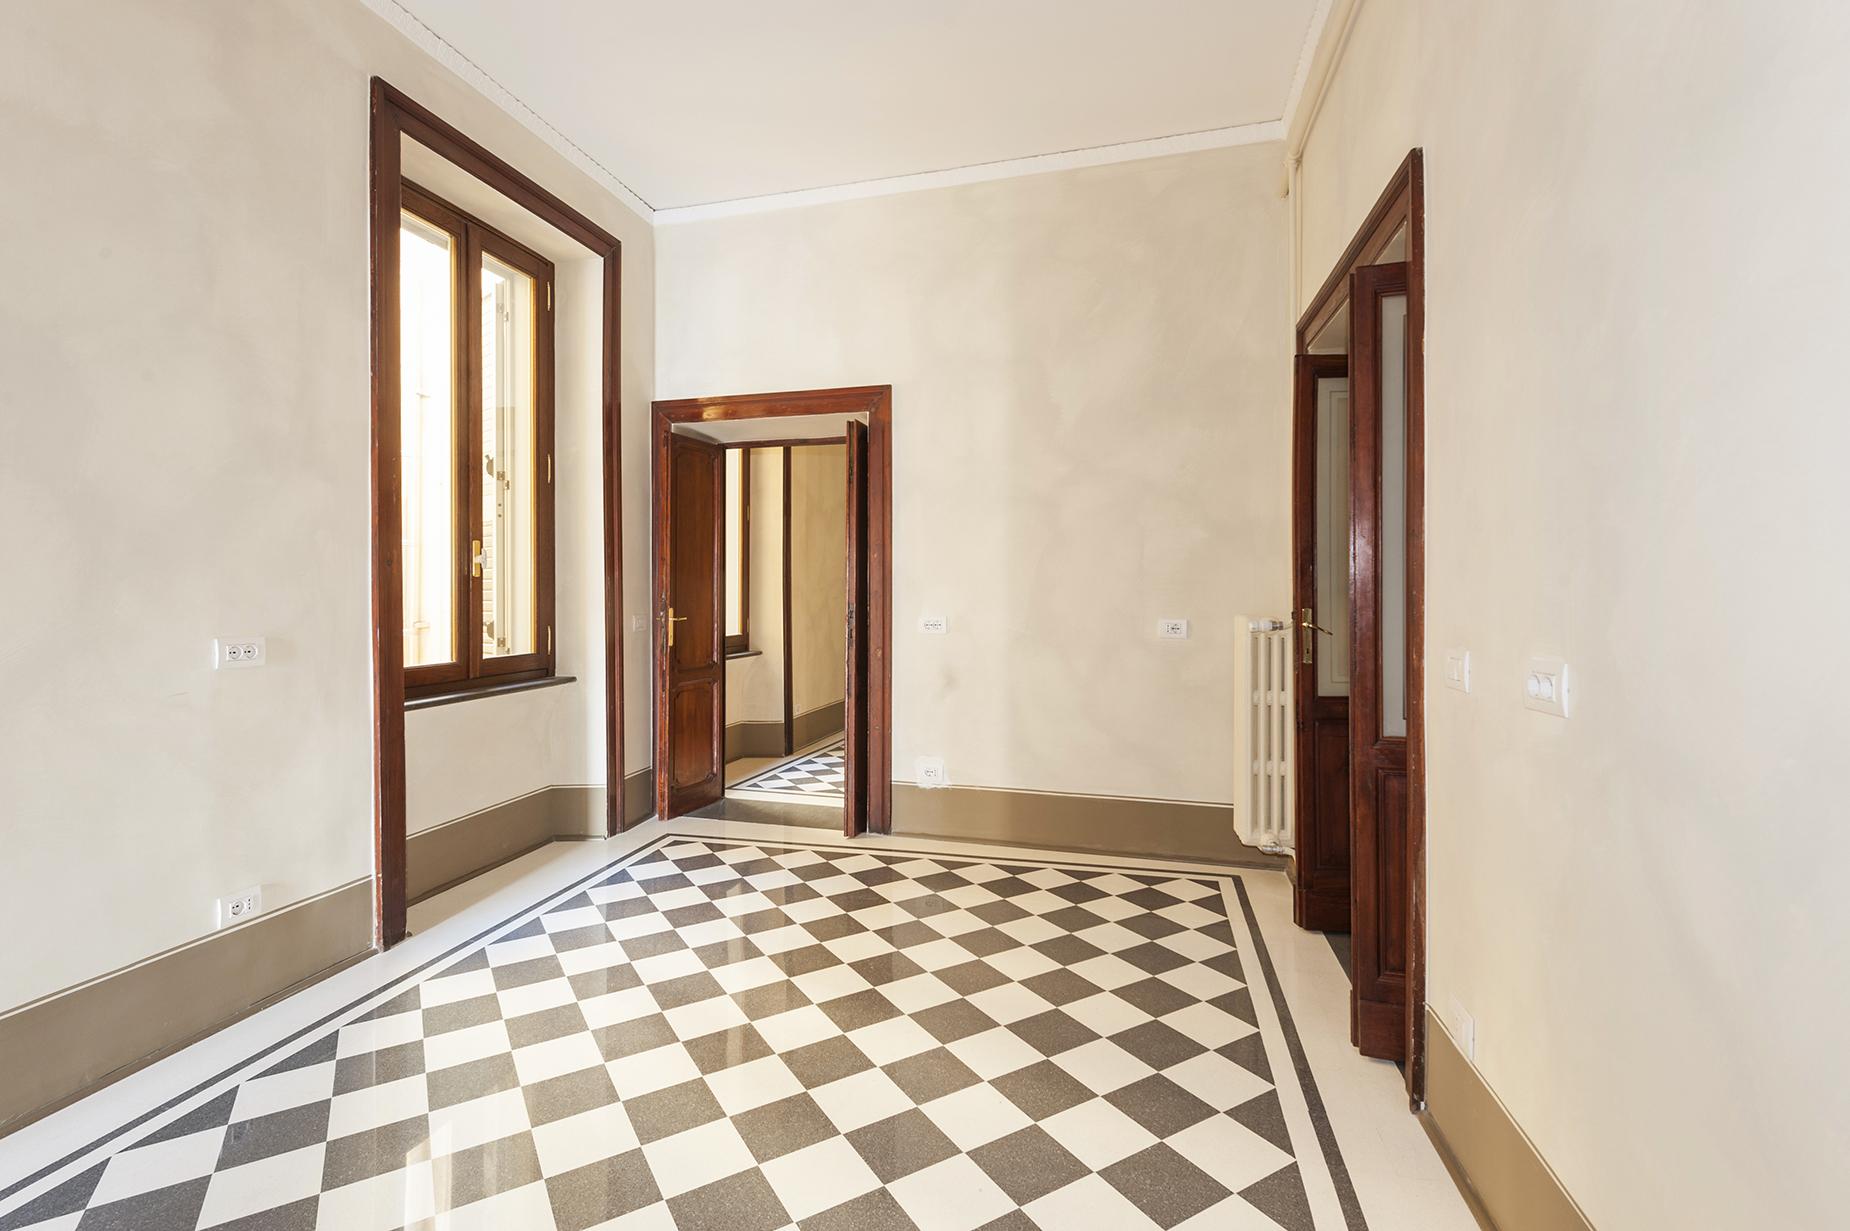 Appartamento di lusso in affitto a roma piazza di spagna for Locali uso ufficio in affitto a roma